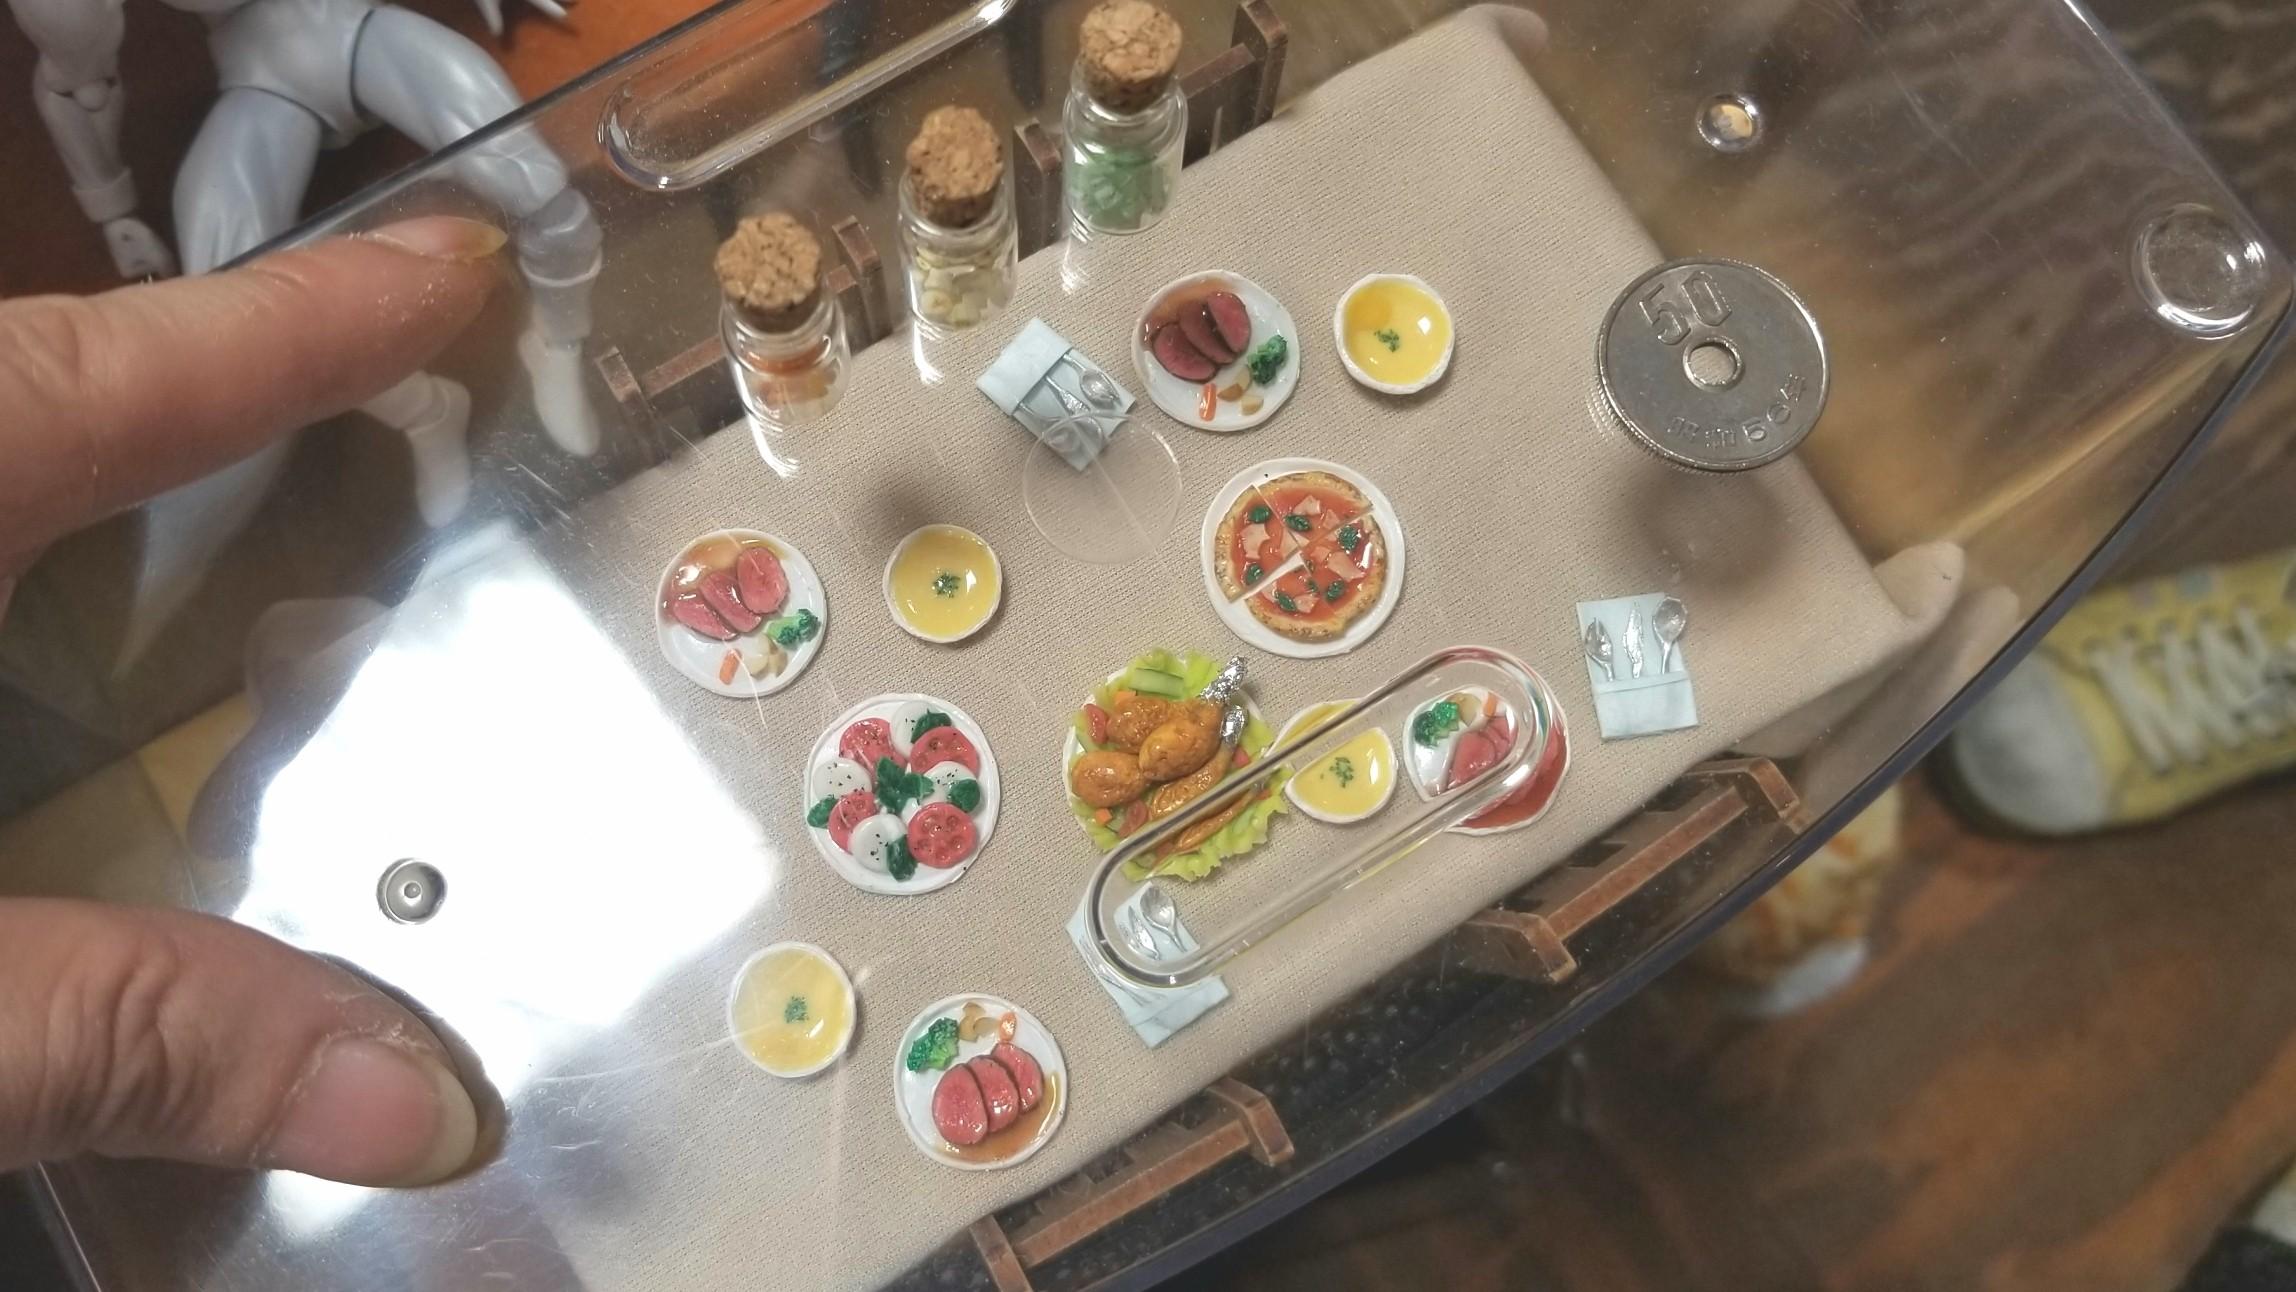 ミニチュアフード,洋食レストラン,ディナー,粘土,小さい,可愛い